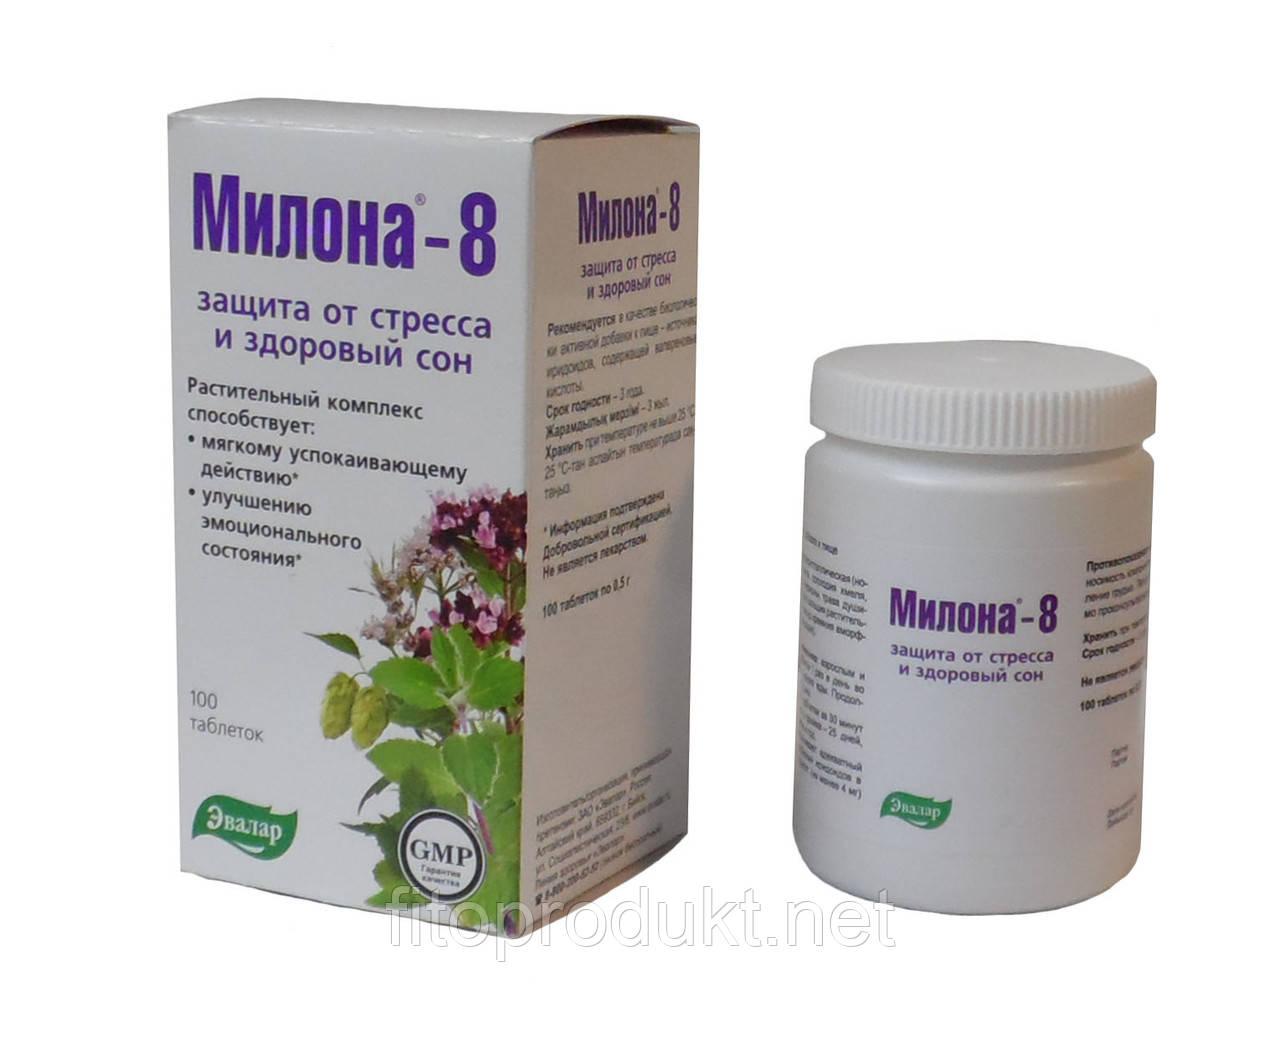 Милона-8 защита от стресса и здоровый сон №100 Эвалар